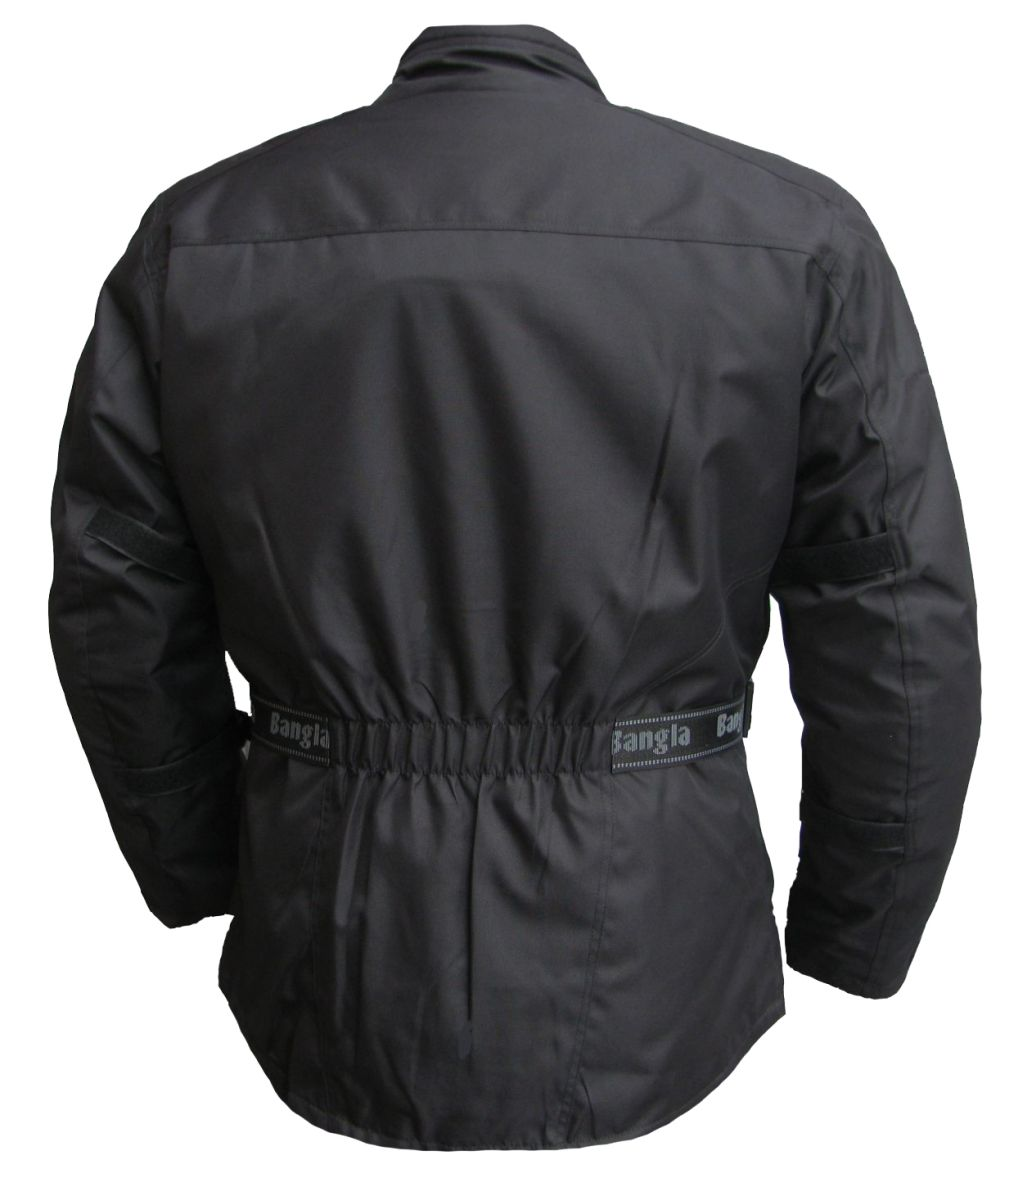 Bangla Damen Motorrad Jacke Motorradjacke Protektoren Schwarz 36 - 44